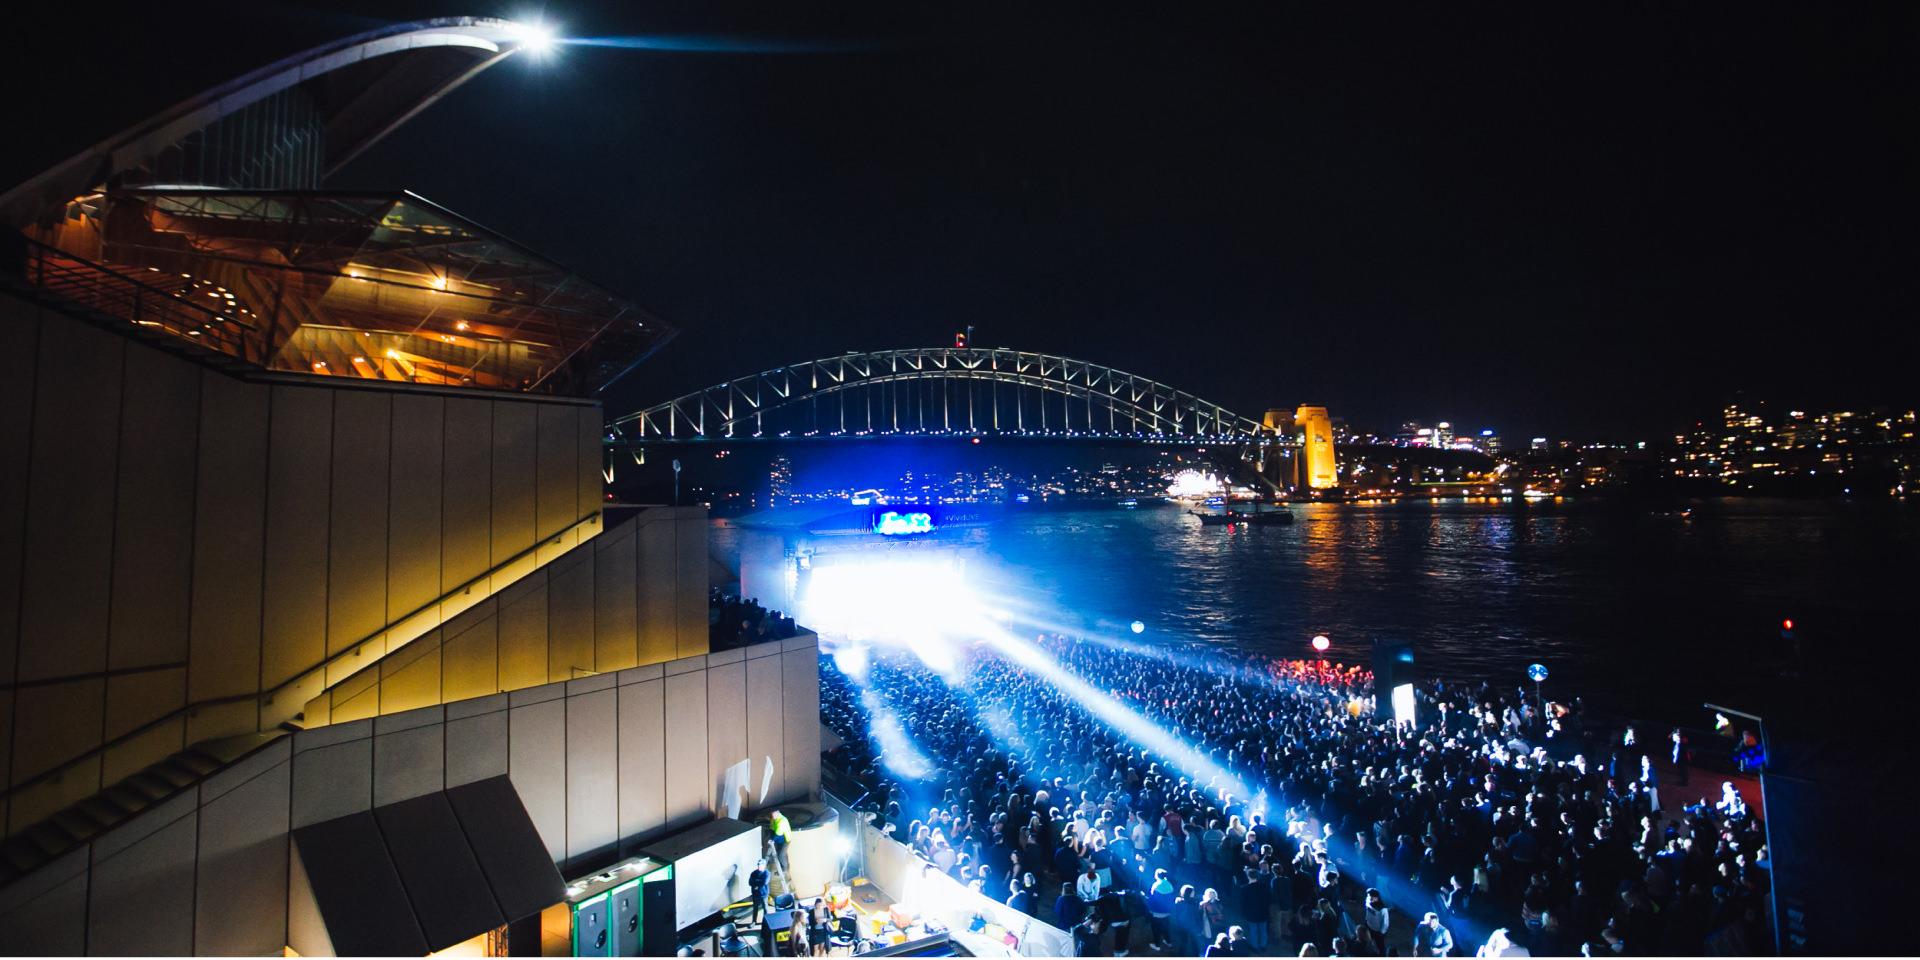 konser musik di luar ruangan pada malam hari